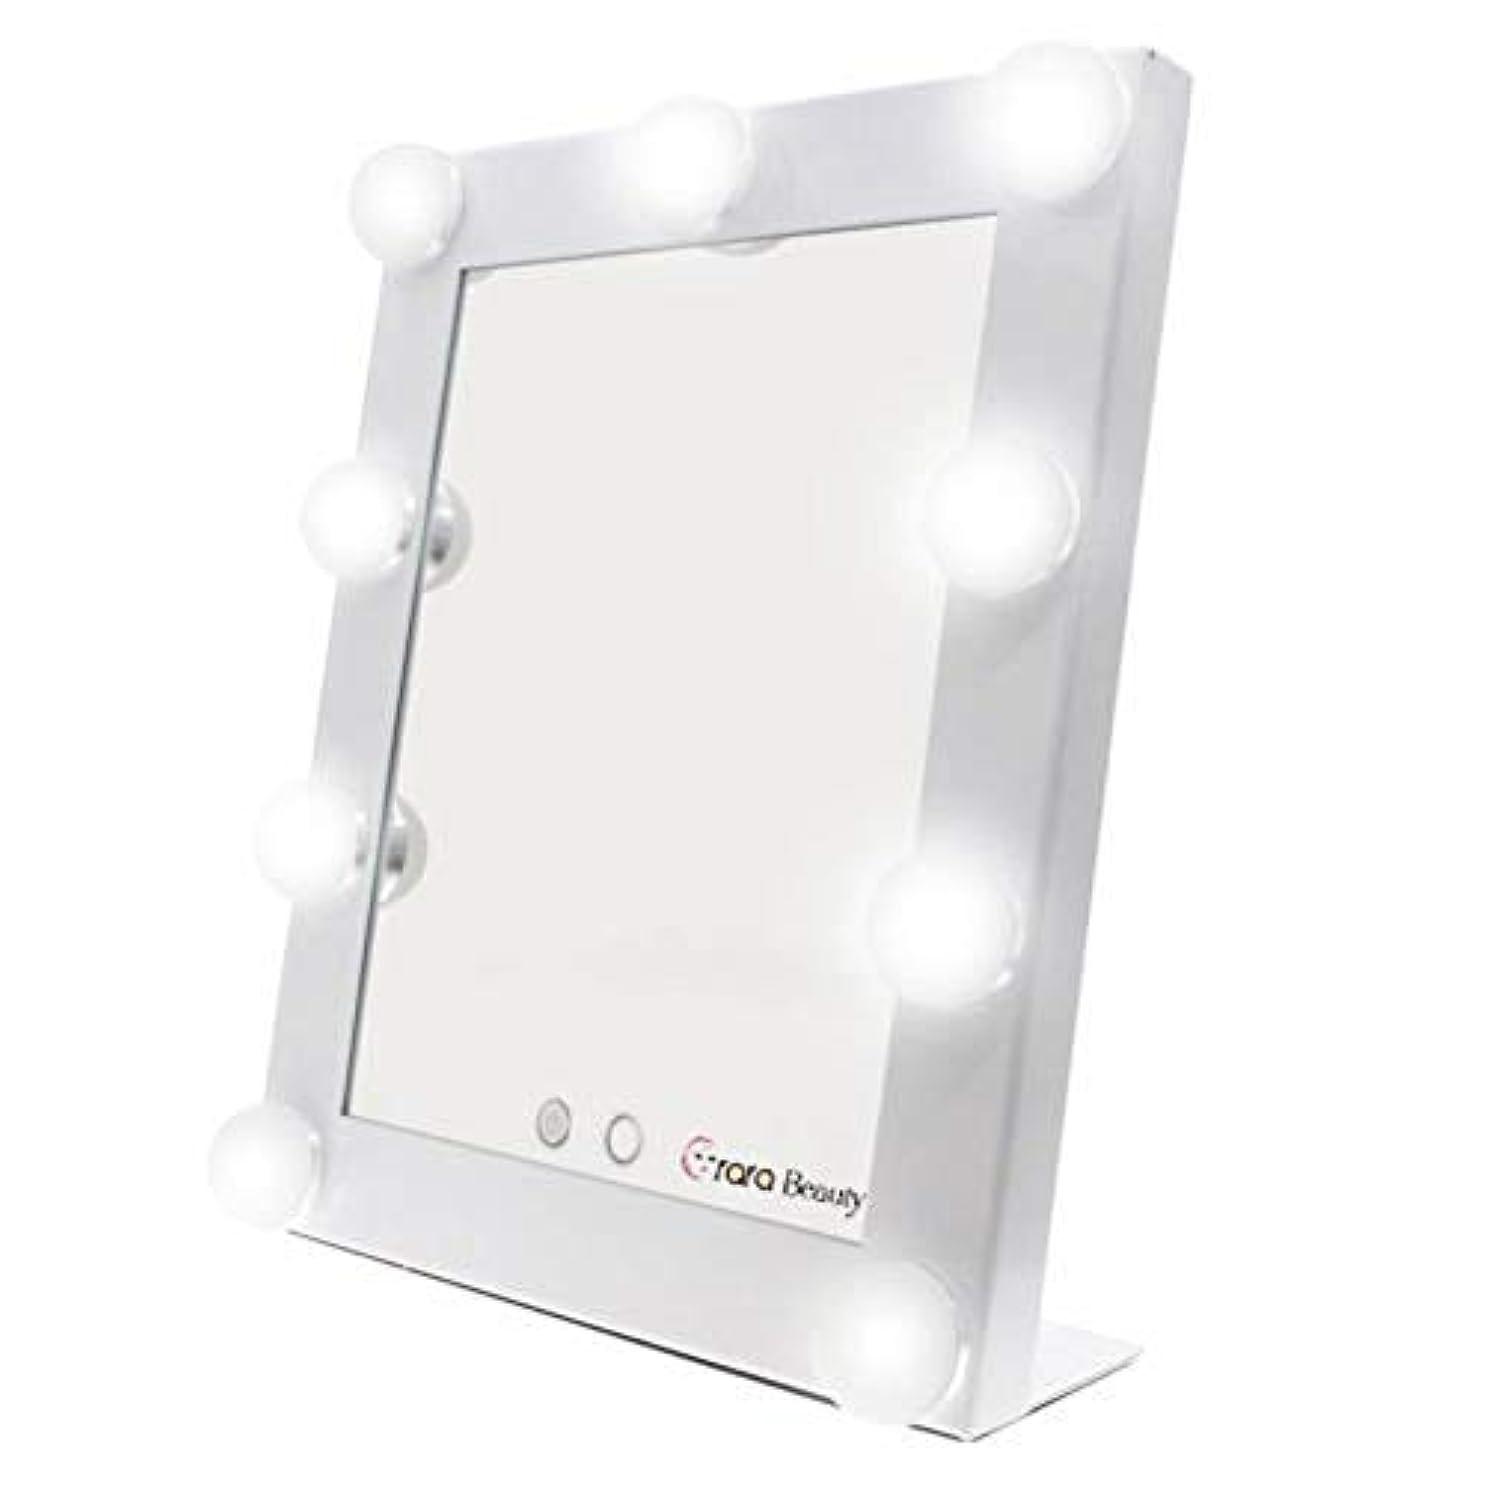 狂乱印象派エレクトロニックlily's JP home 化粧鏡 女優ミラー 化粧ミラー メイクアップミラー LEDライト付き ハリウッド式 9*3WLED電球付き 2way給電タイプ 卓上ミラー (ホワイト)